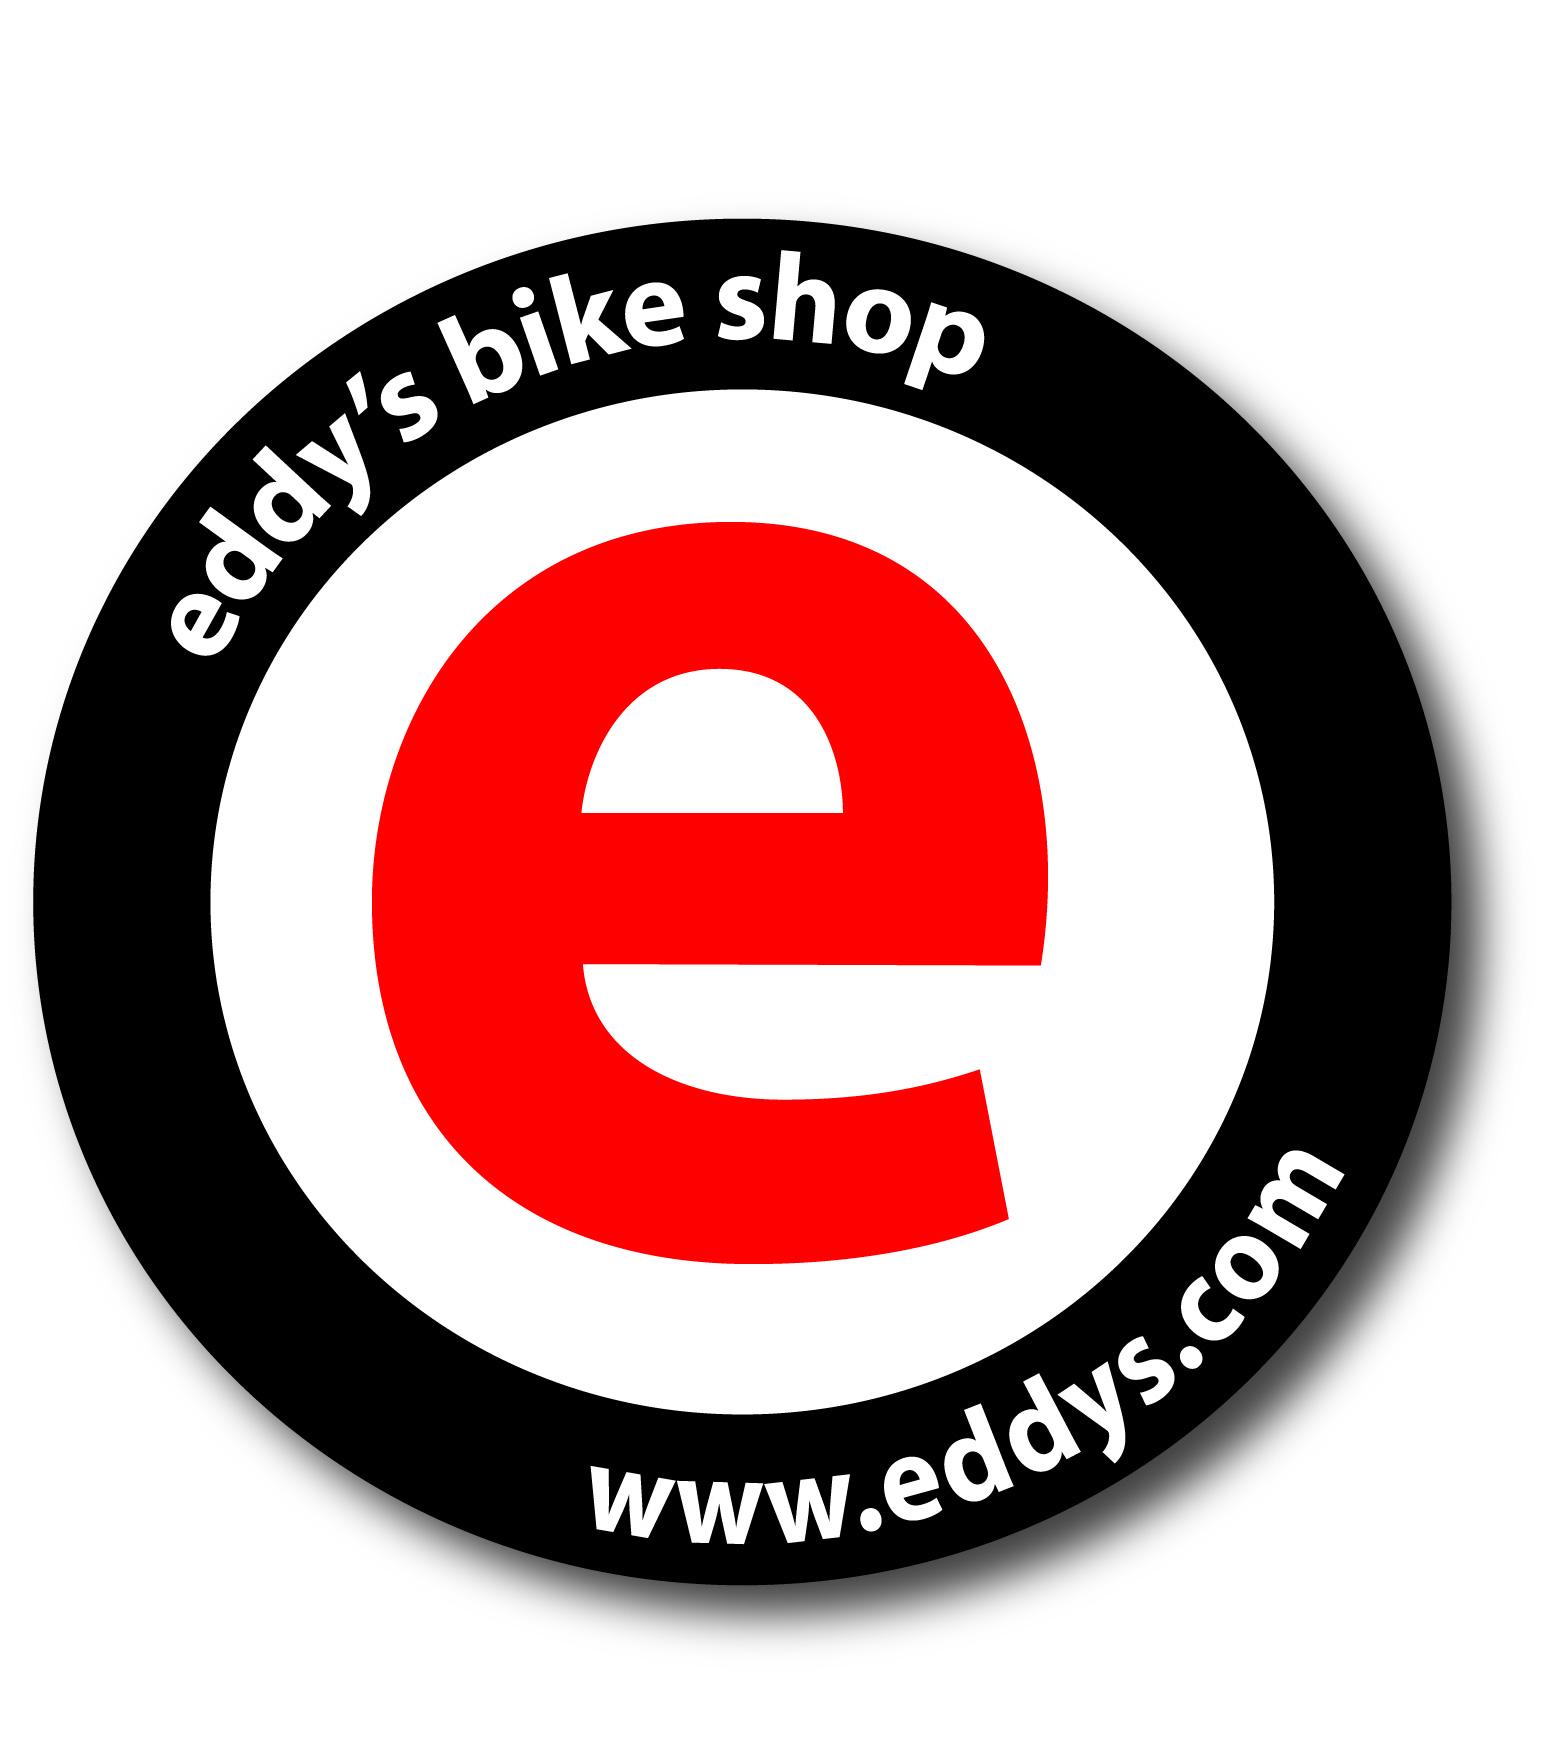 Eddys_e_website